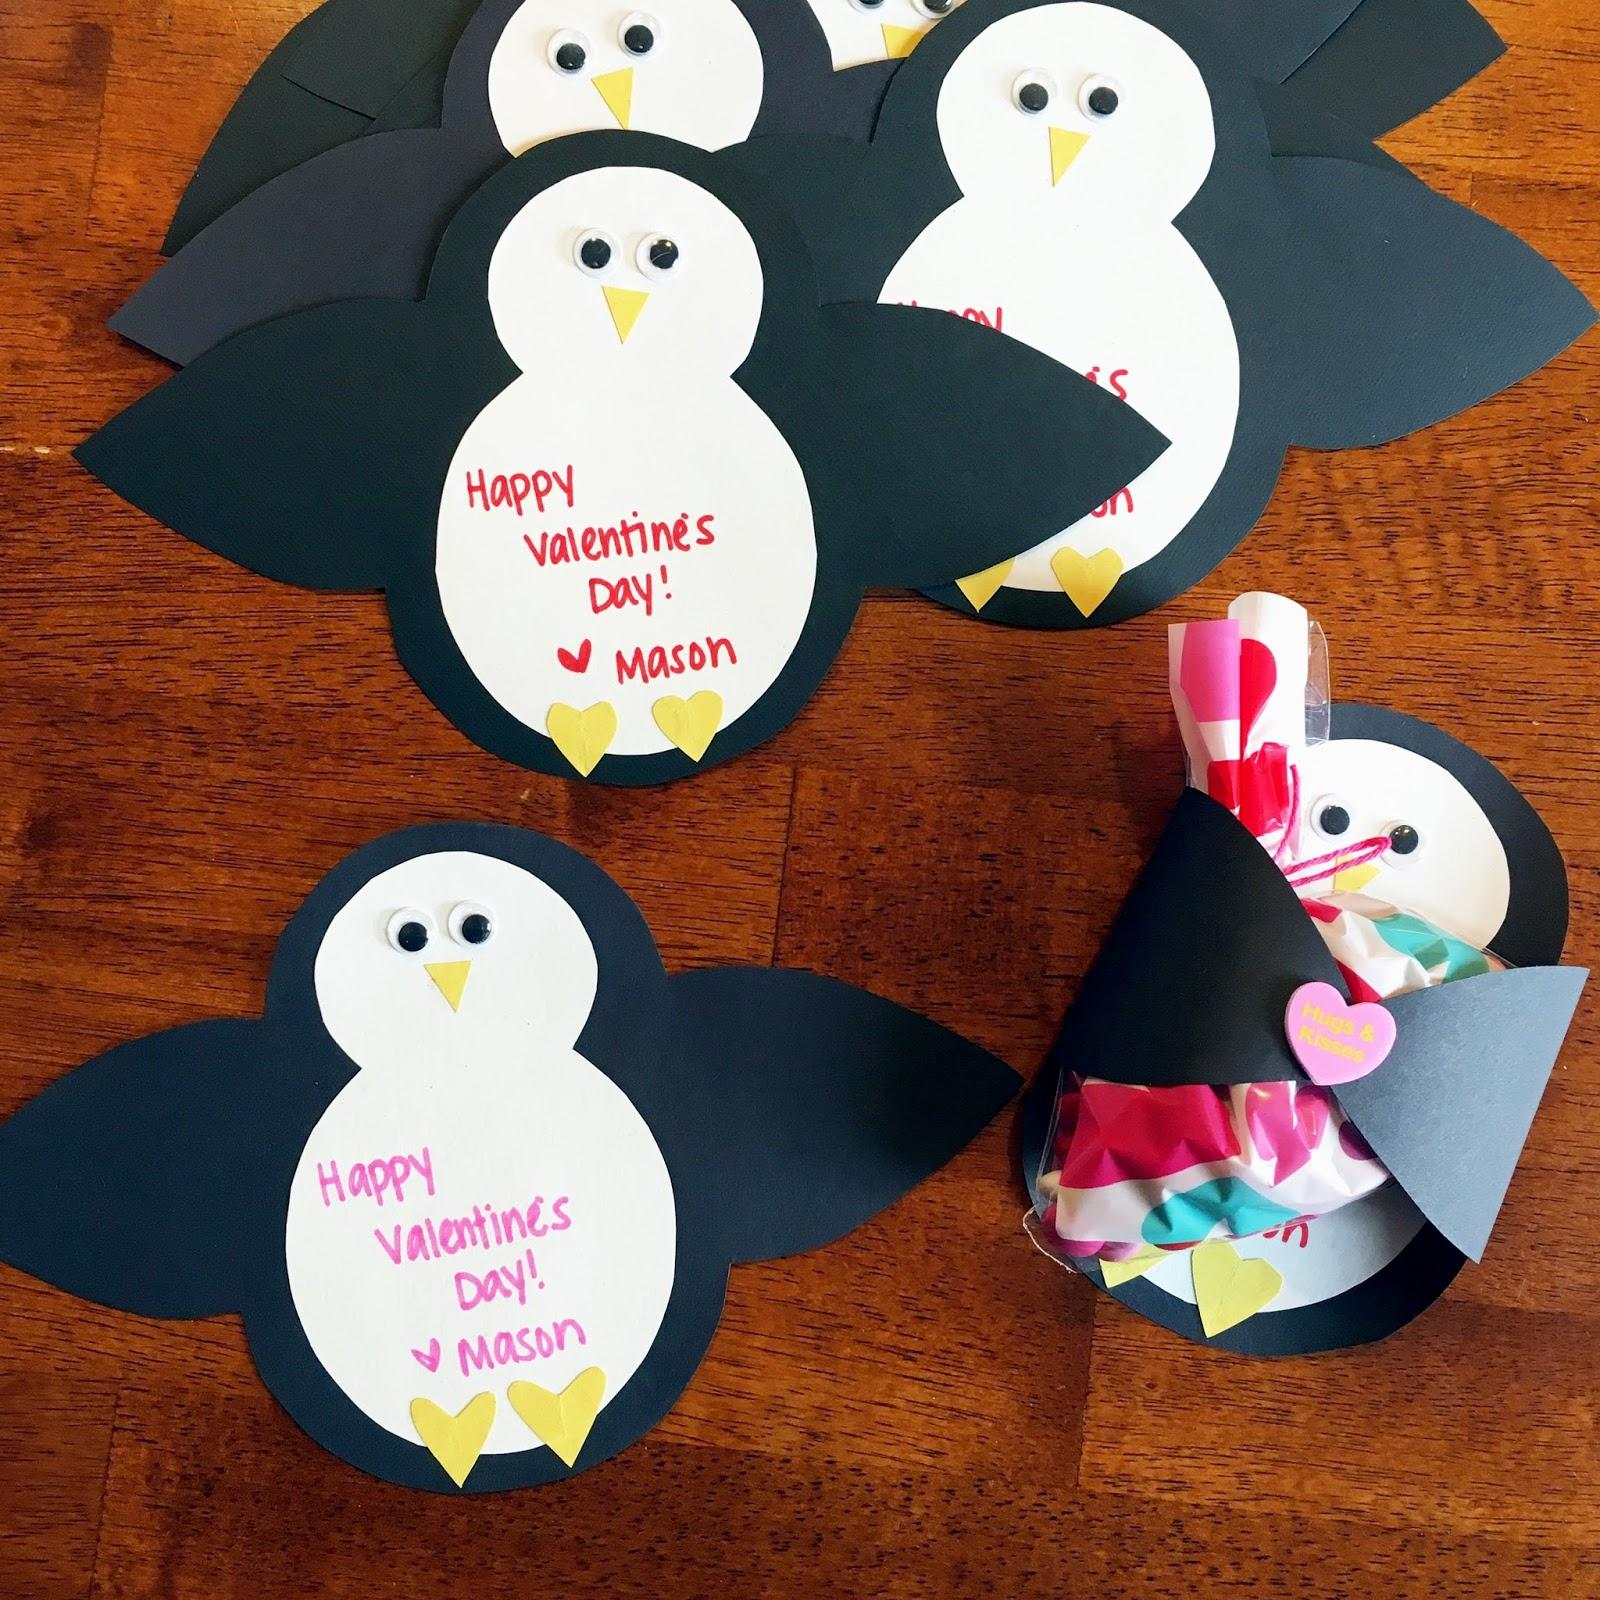 Chasinu0027 Mason : Penguin Valentineu0027s With Mu0026M Candies